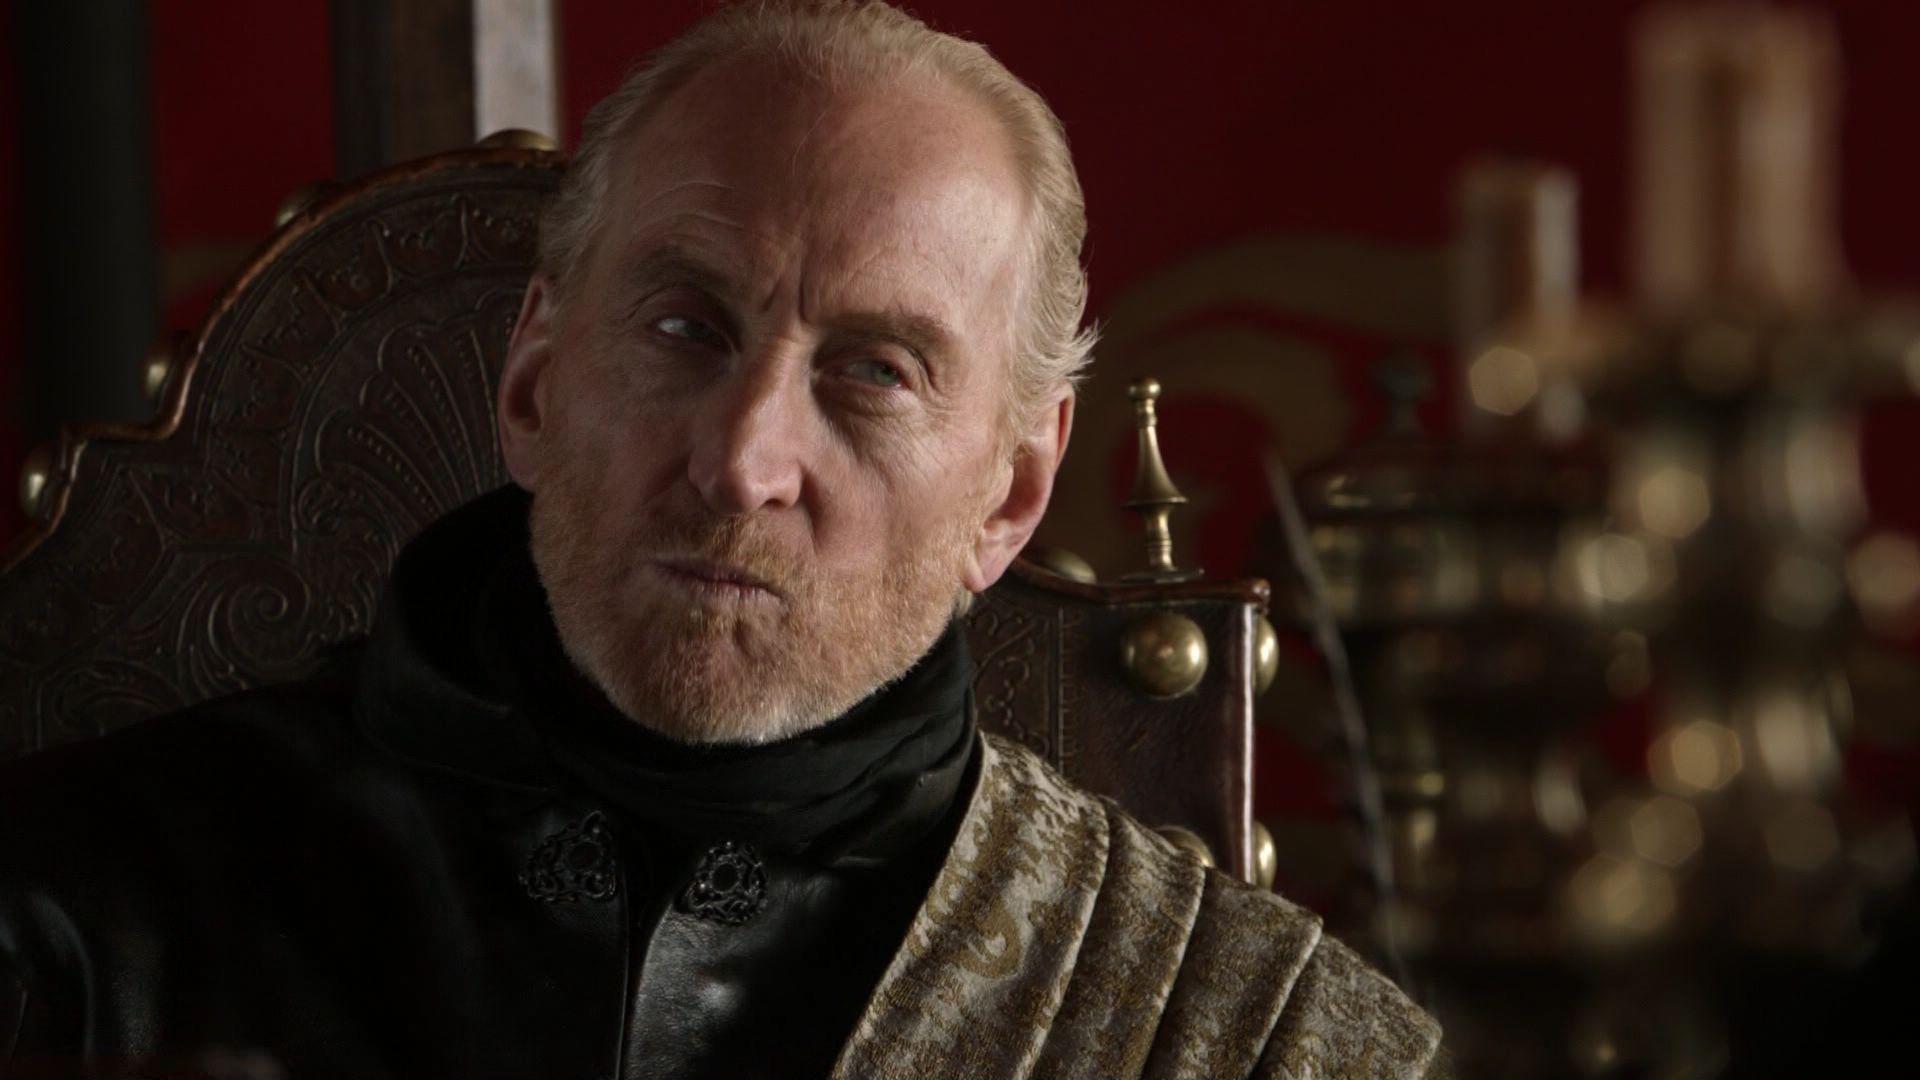 Game of Thrones Desktop Background – Tywin Lannister